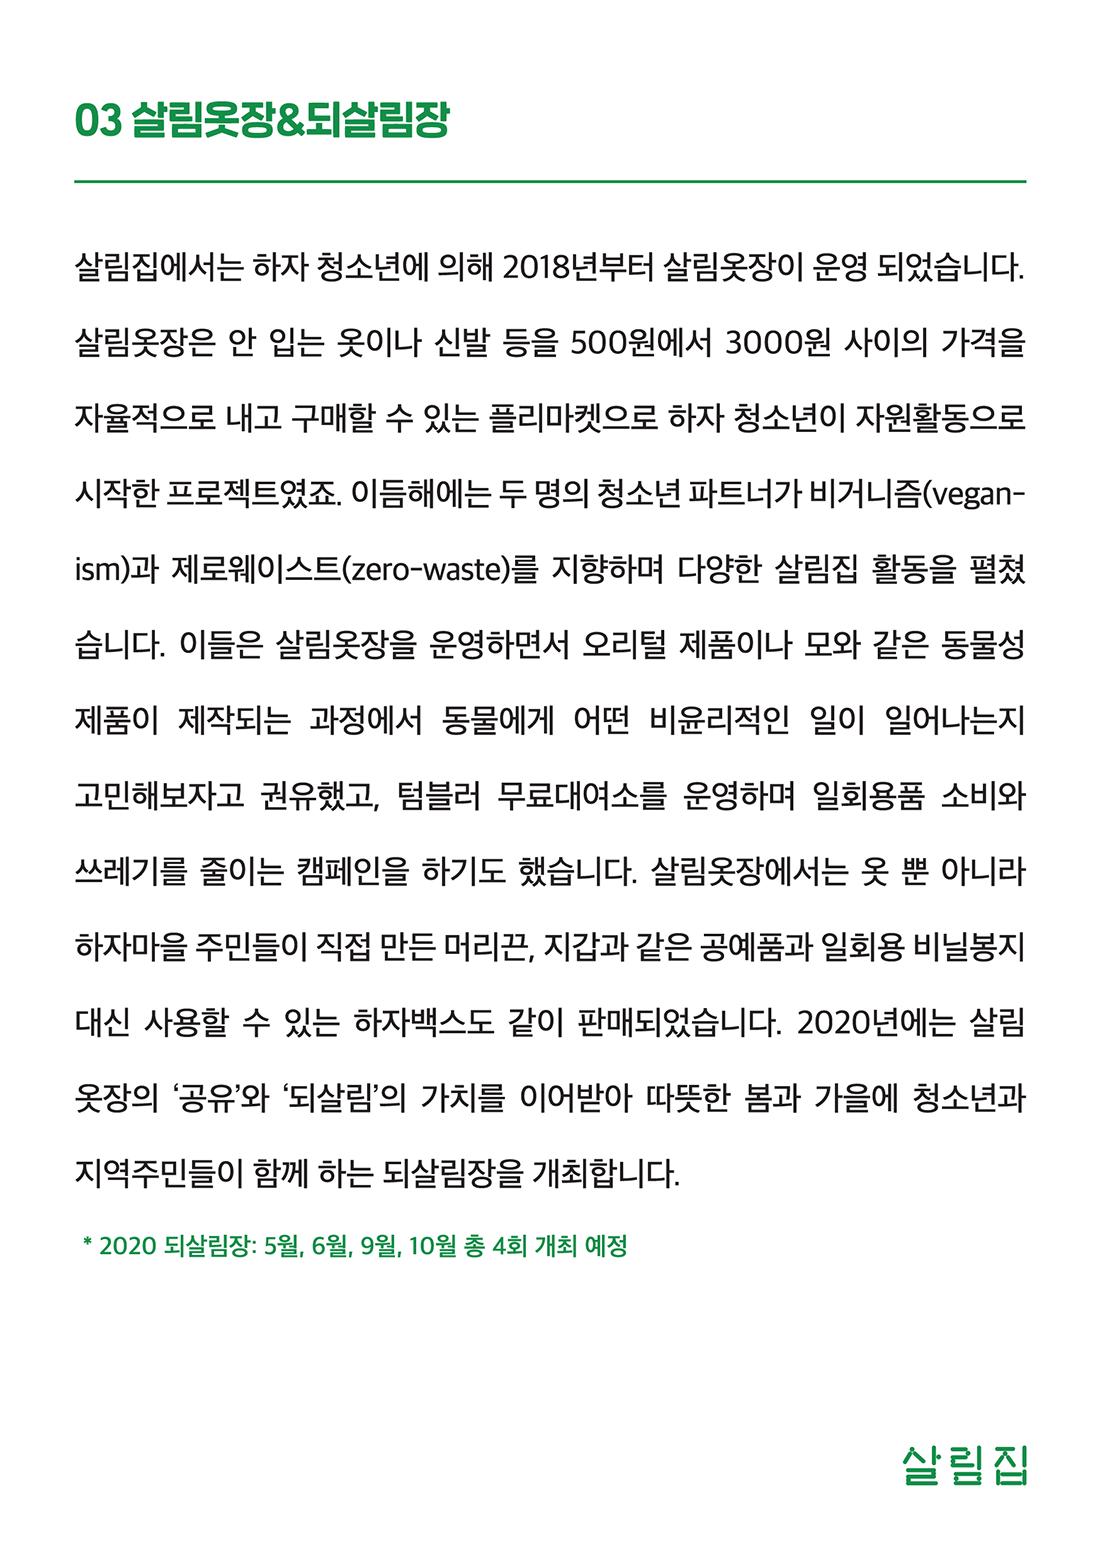 리플렛최종3-2.png